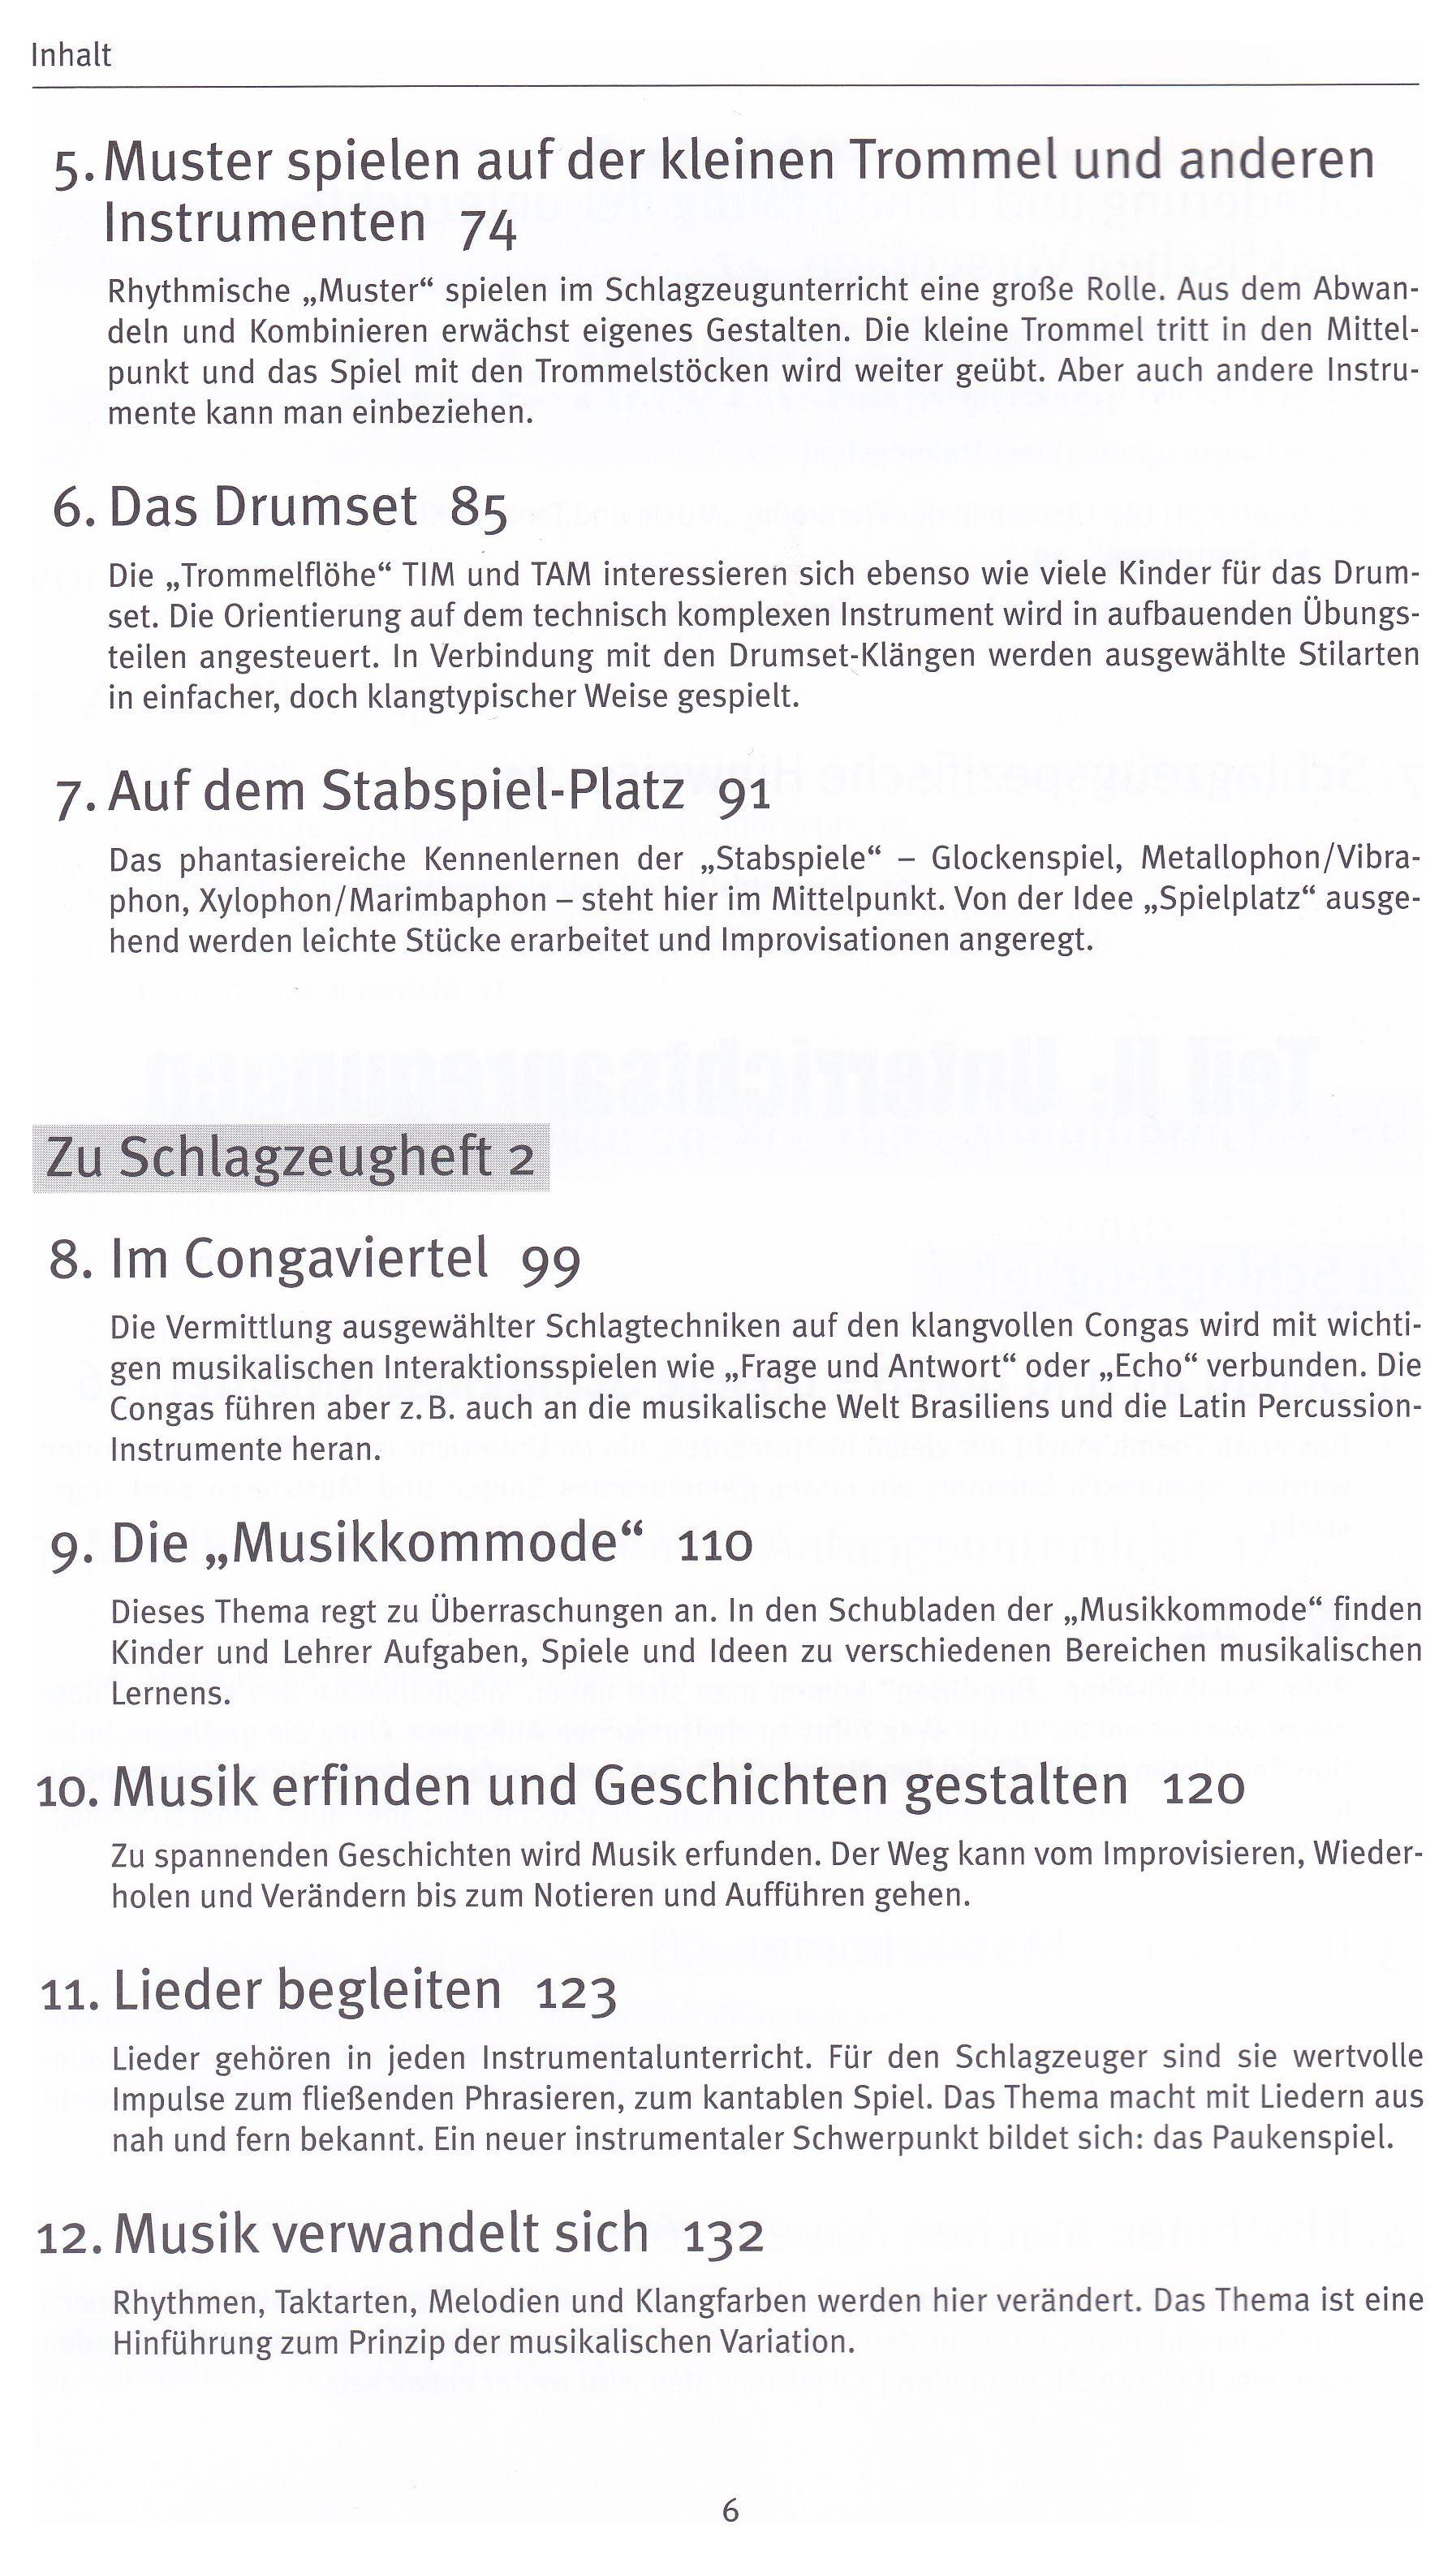 Handbuch Schlagzeug 3